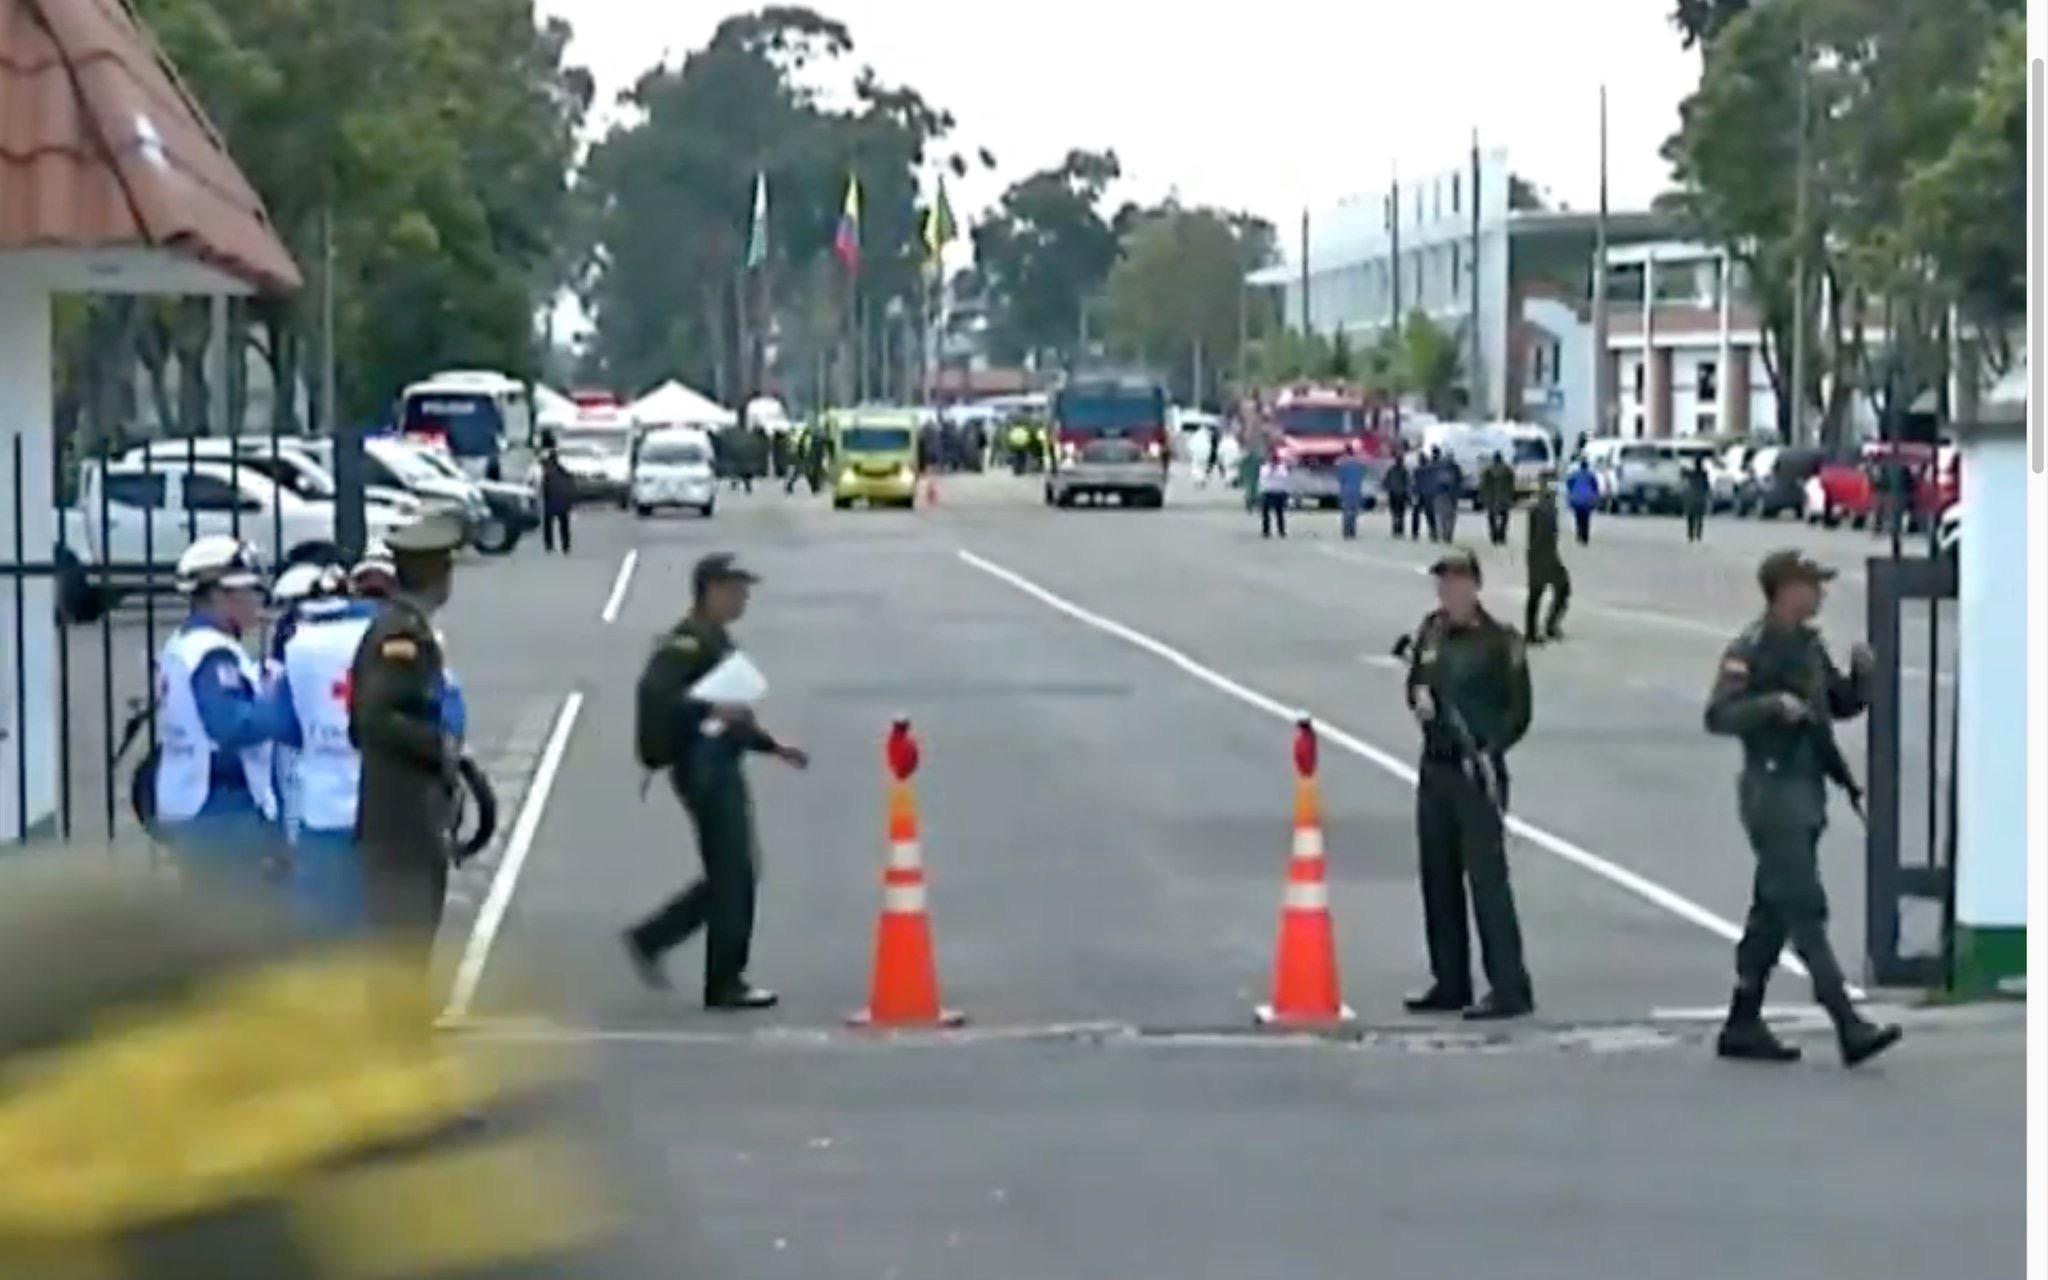 Bogotà, autobomba in una scuola di polizia: 21 morti e 68 feriti